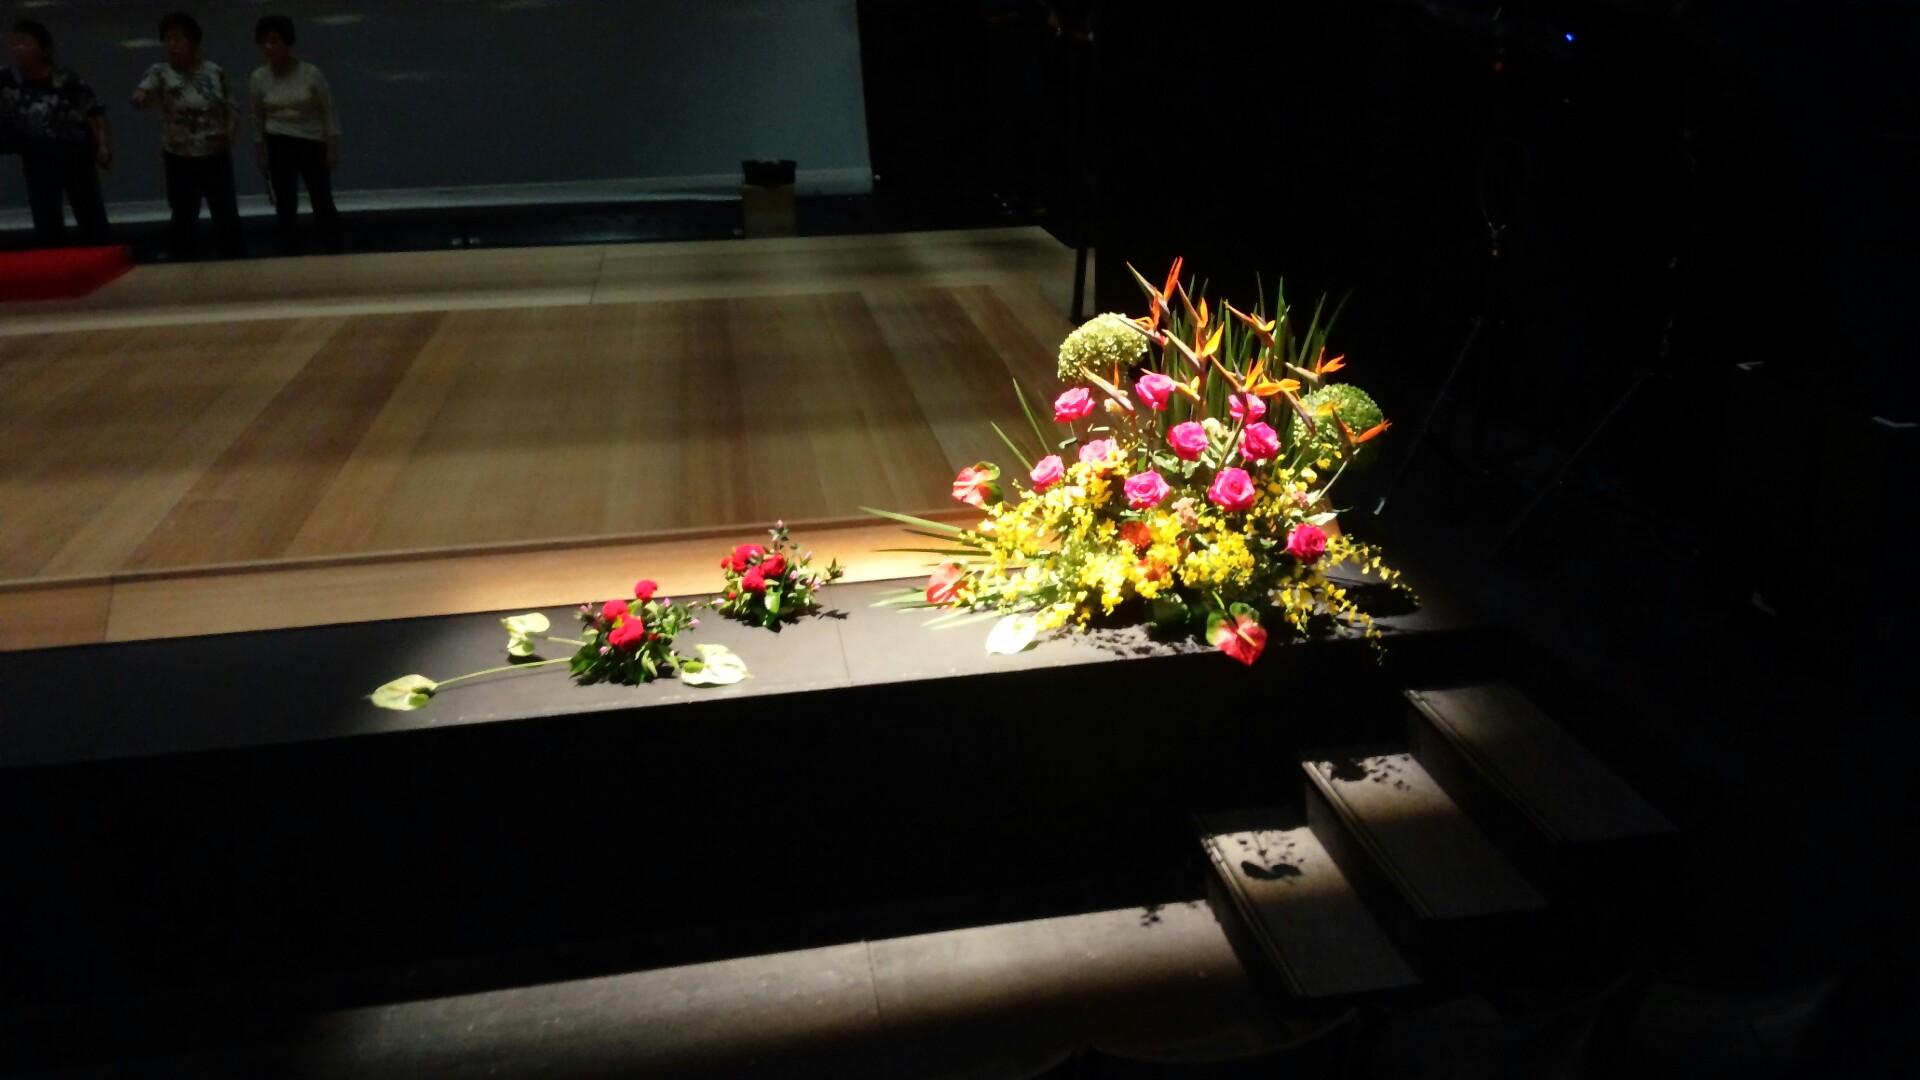 ディスプレイ、お花、アート、イベント、いわき市小名浜の花屋,花国湘南台店